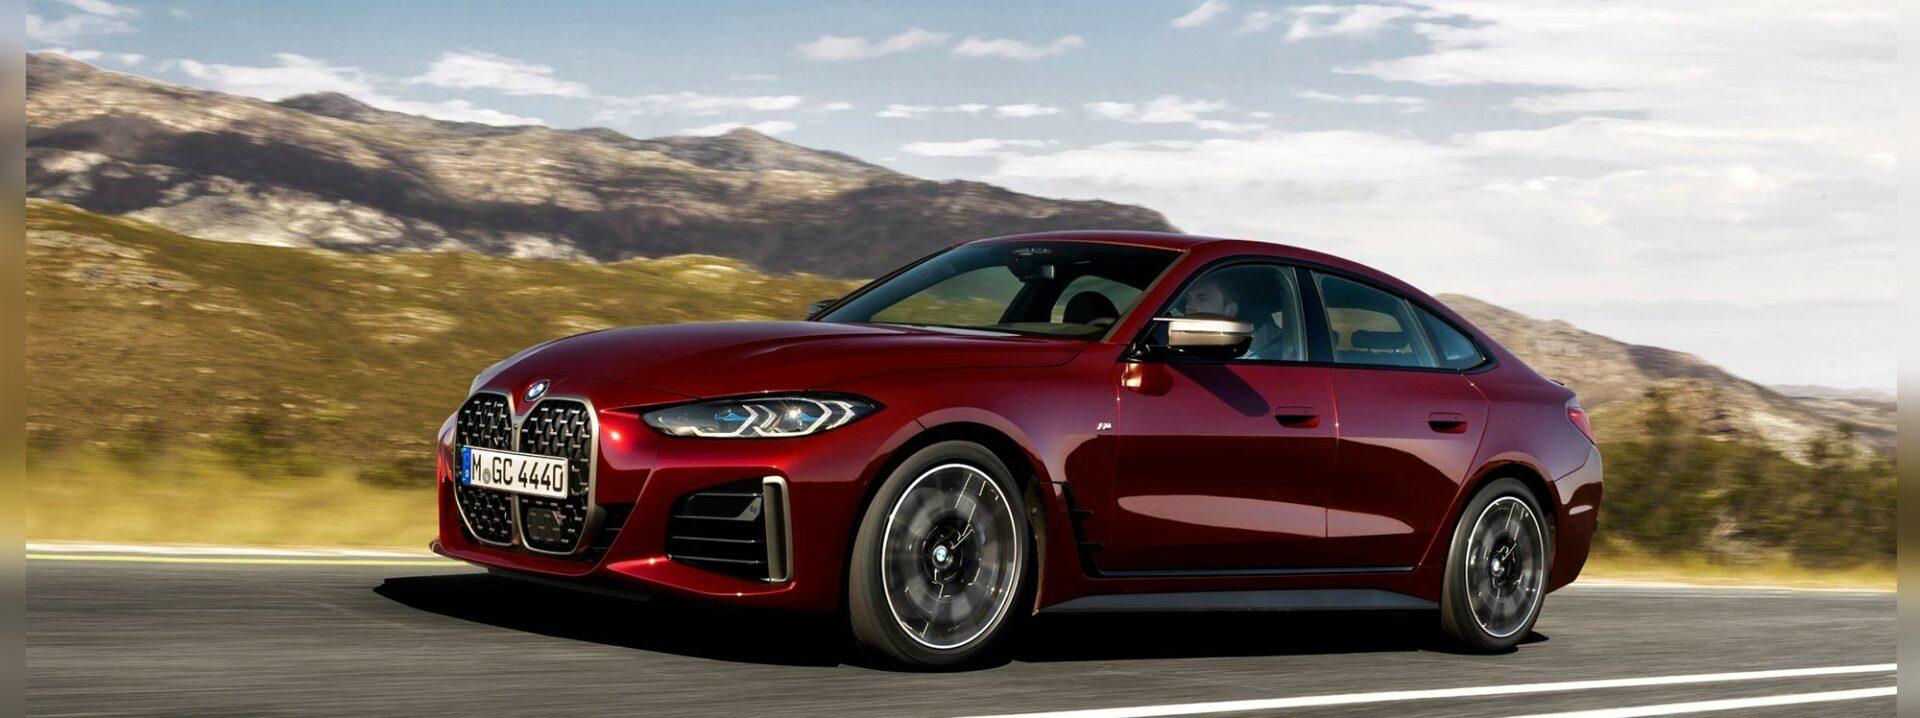 BMW Serie 4 Gran Coupé deja atrás a su predecesor